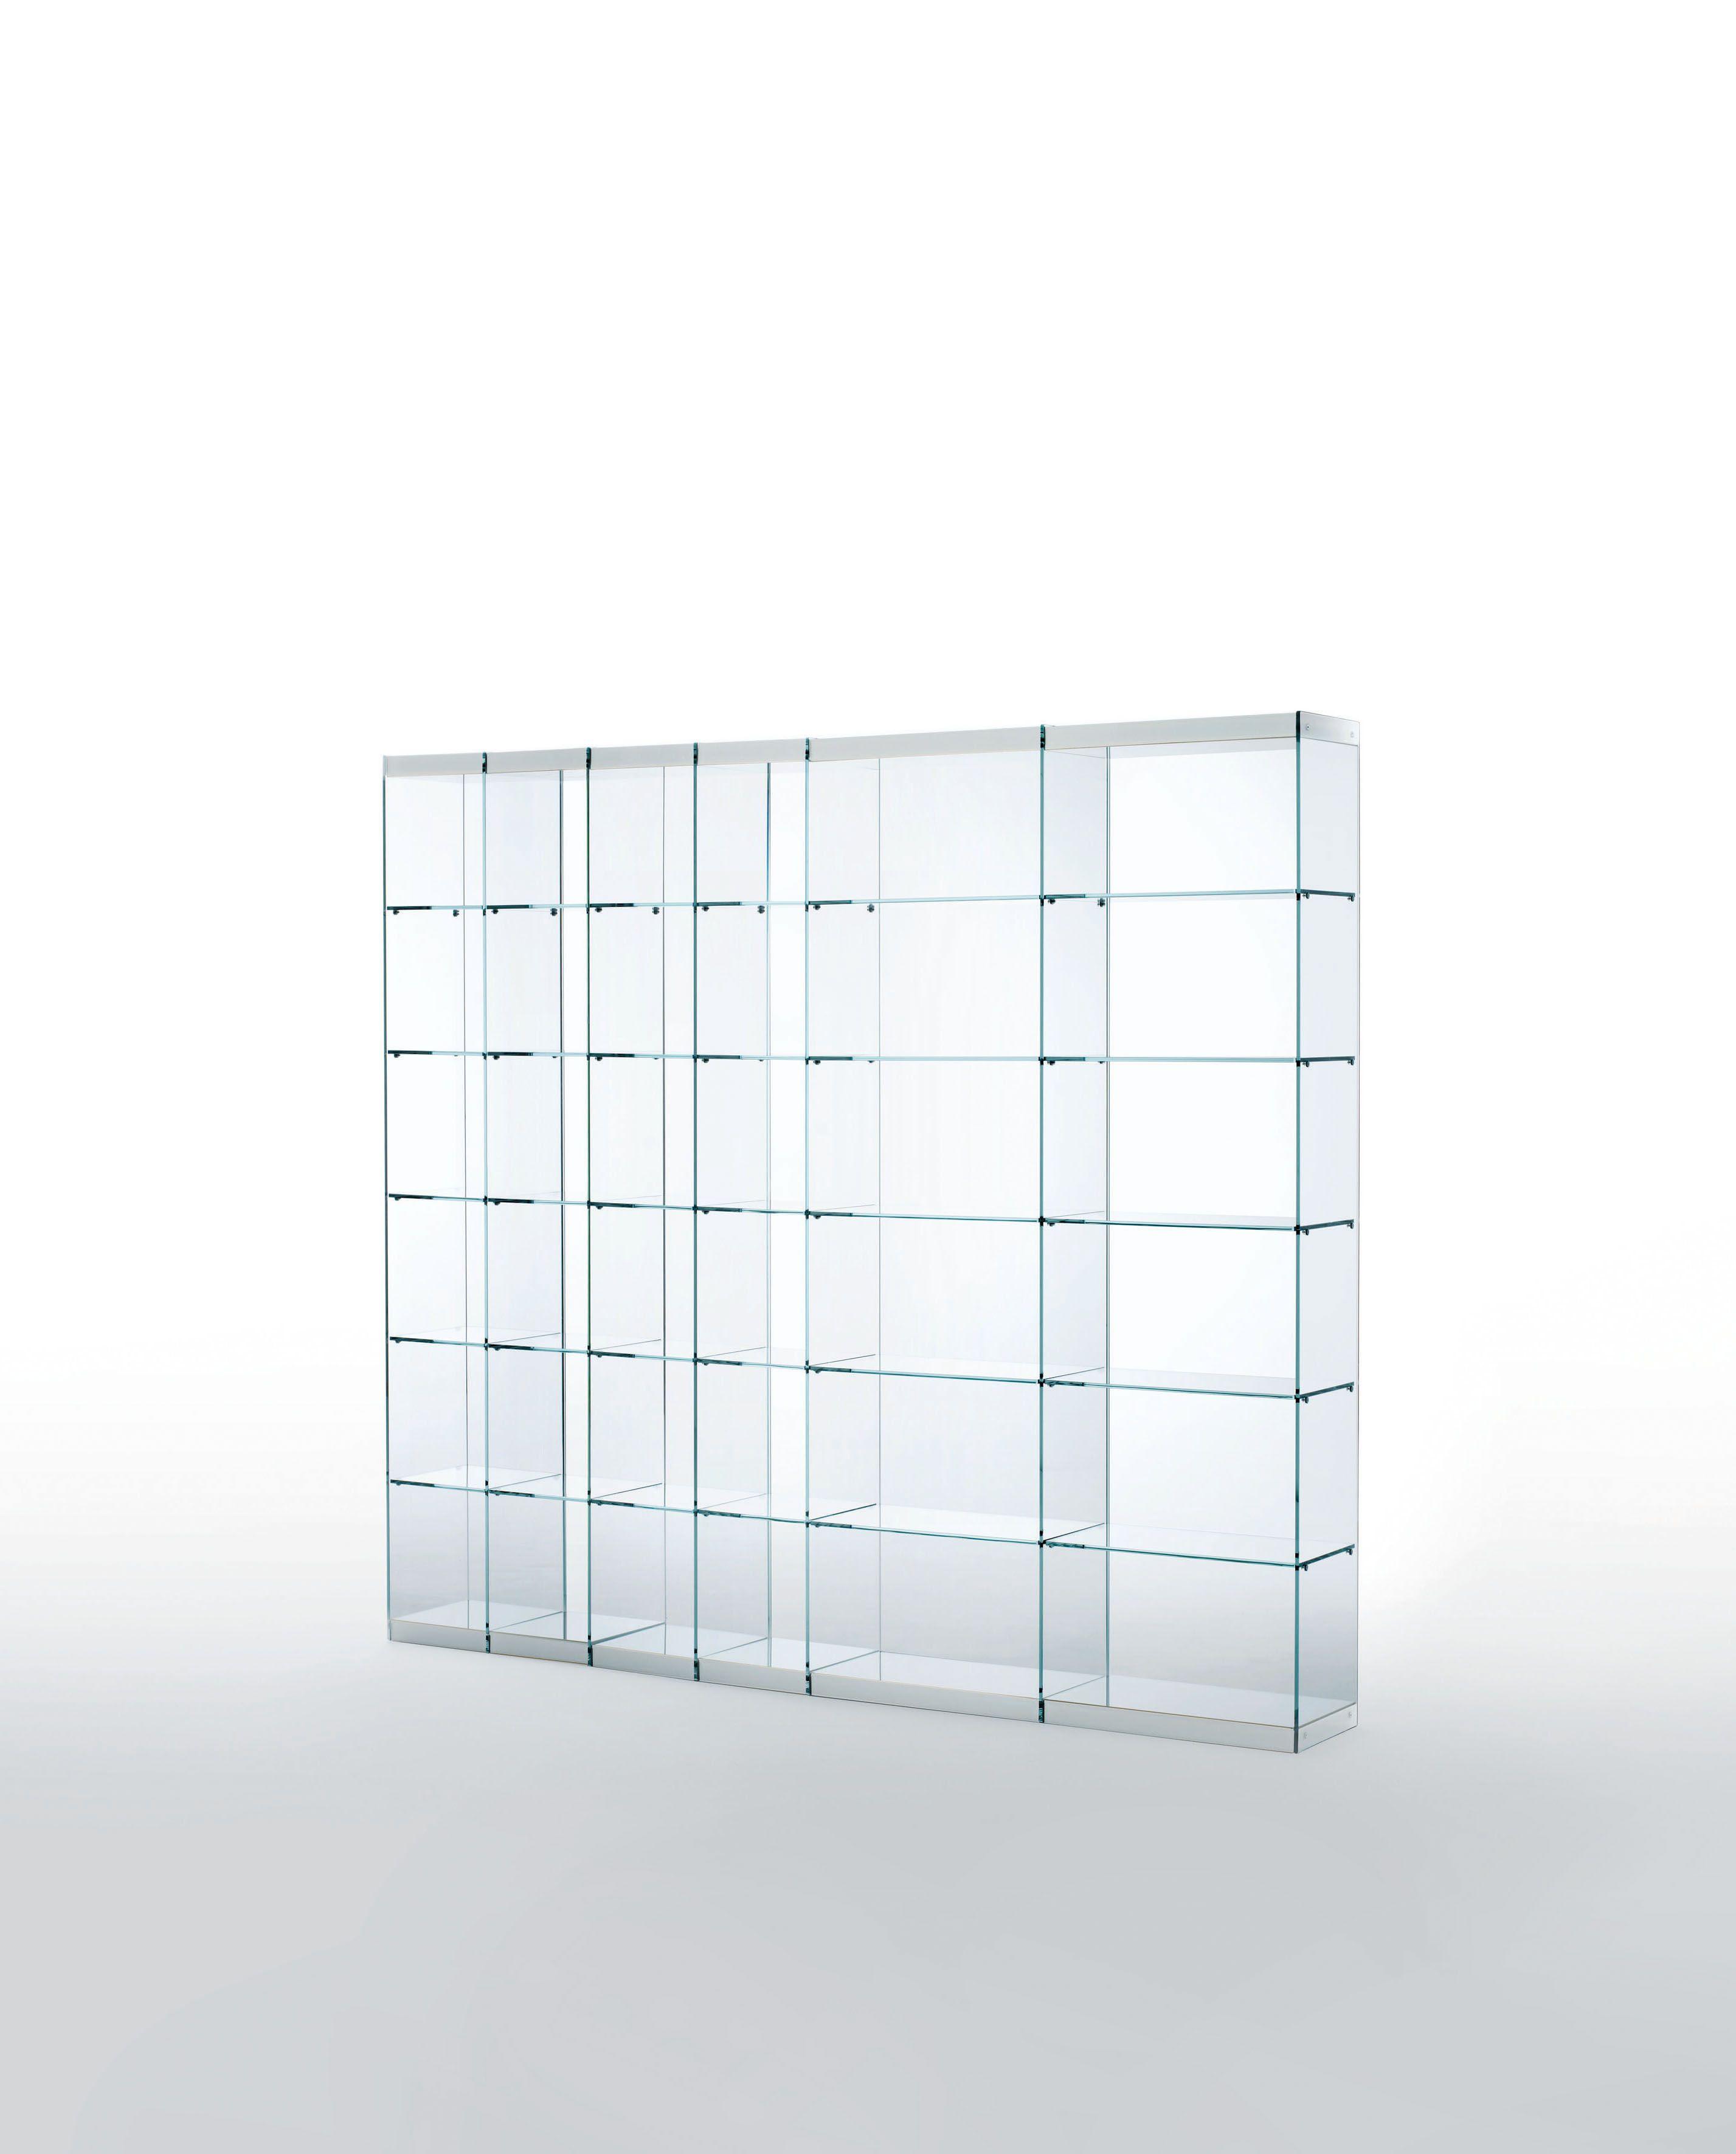 53b10dcfffcbbafe10d8ba8b0ca49894 Frais De Table Basse Design Transparente Conception